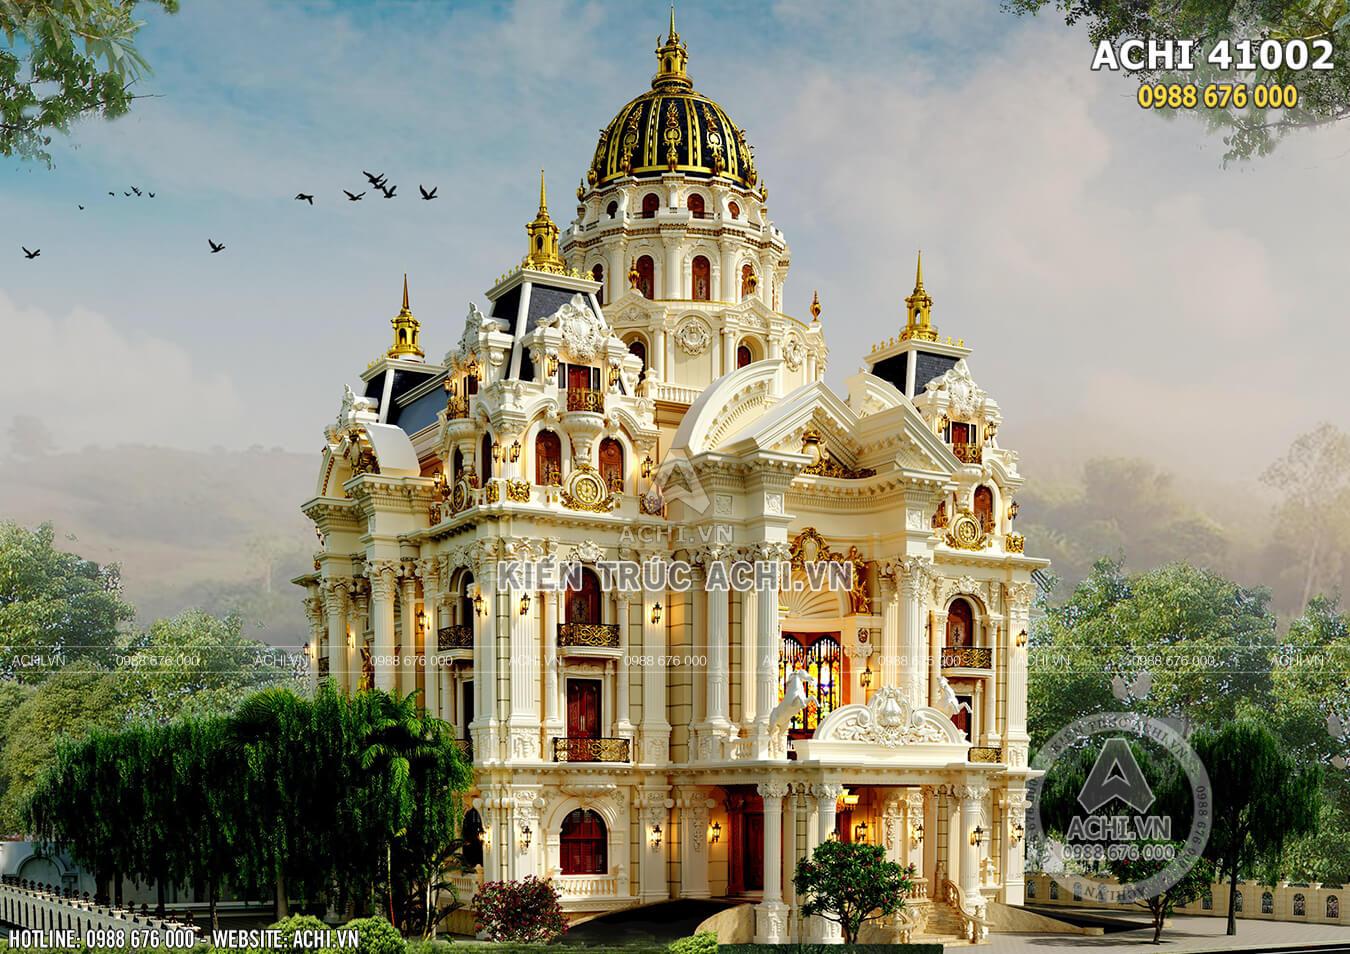 Dinh thự lâu đài tân cổ điển sang trọng, đẳng cấp